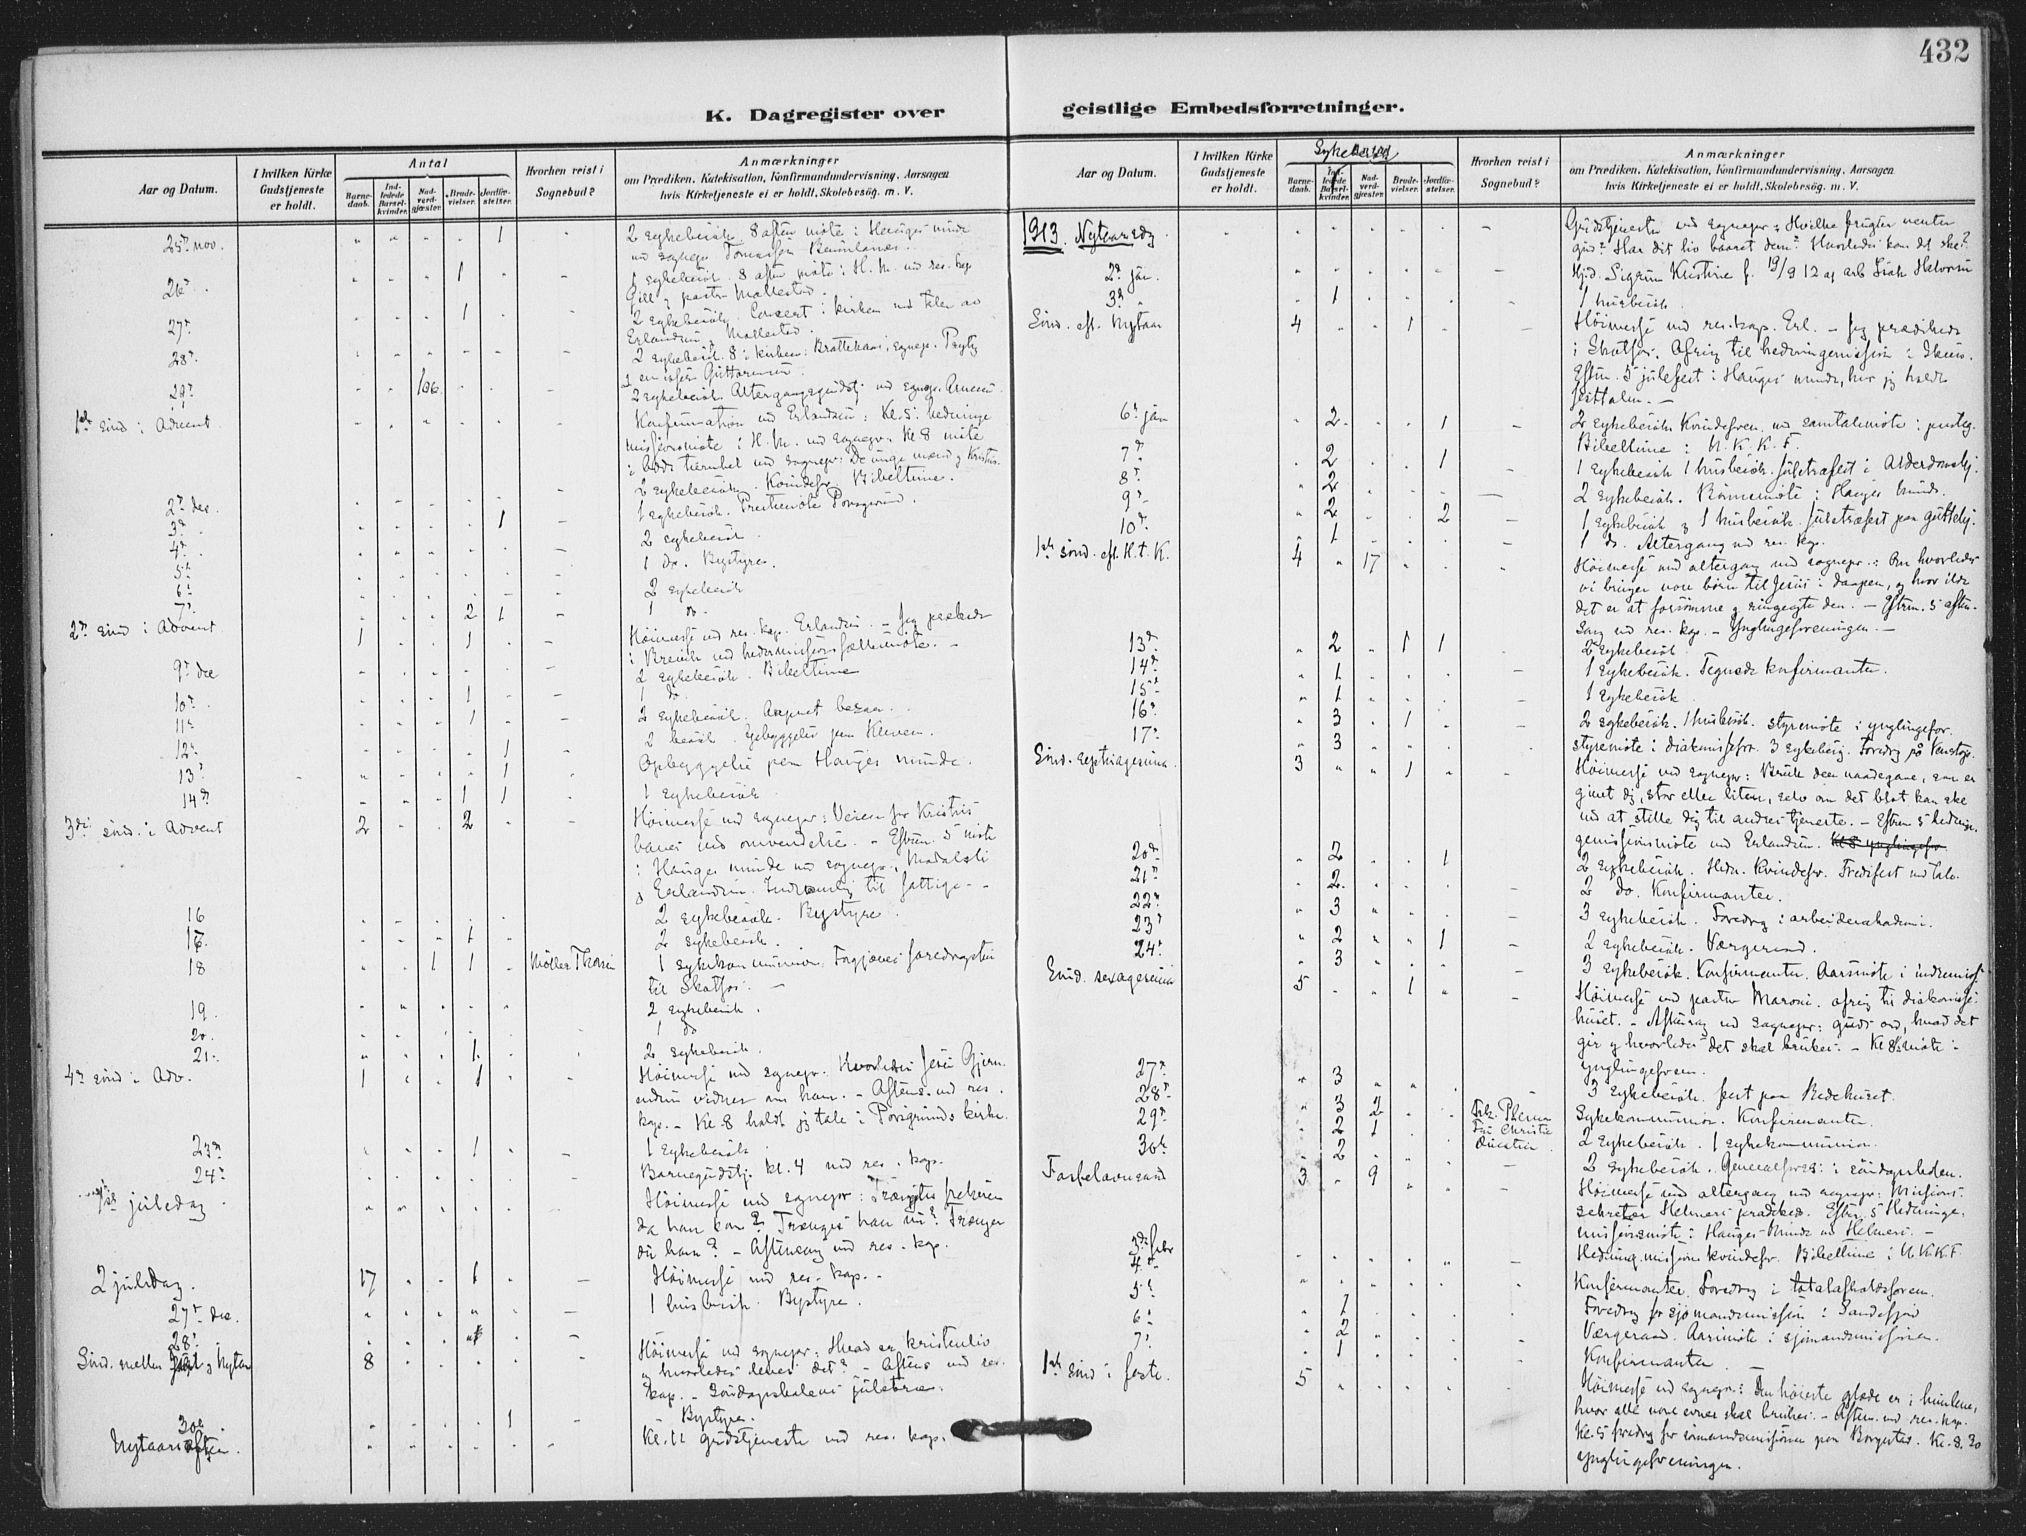 SAKO, Skien kirkebøker, F/Fa/L0012: Ministerialbok nr. 12, 1908-1914, s. 432